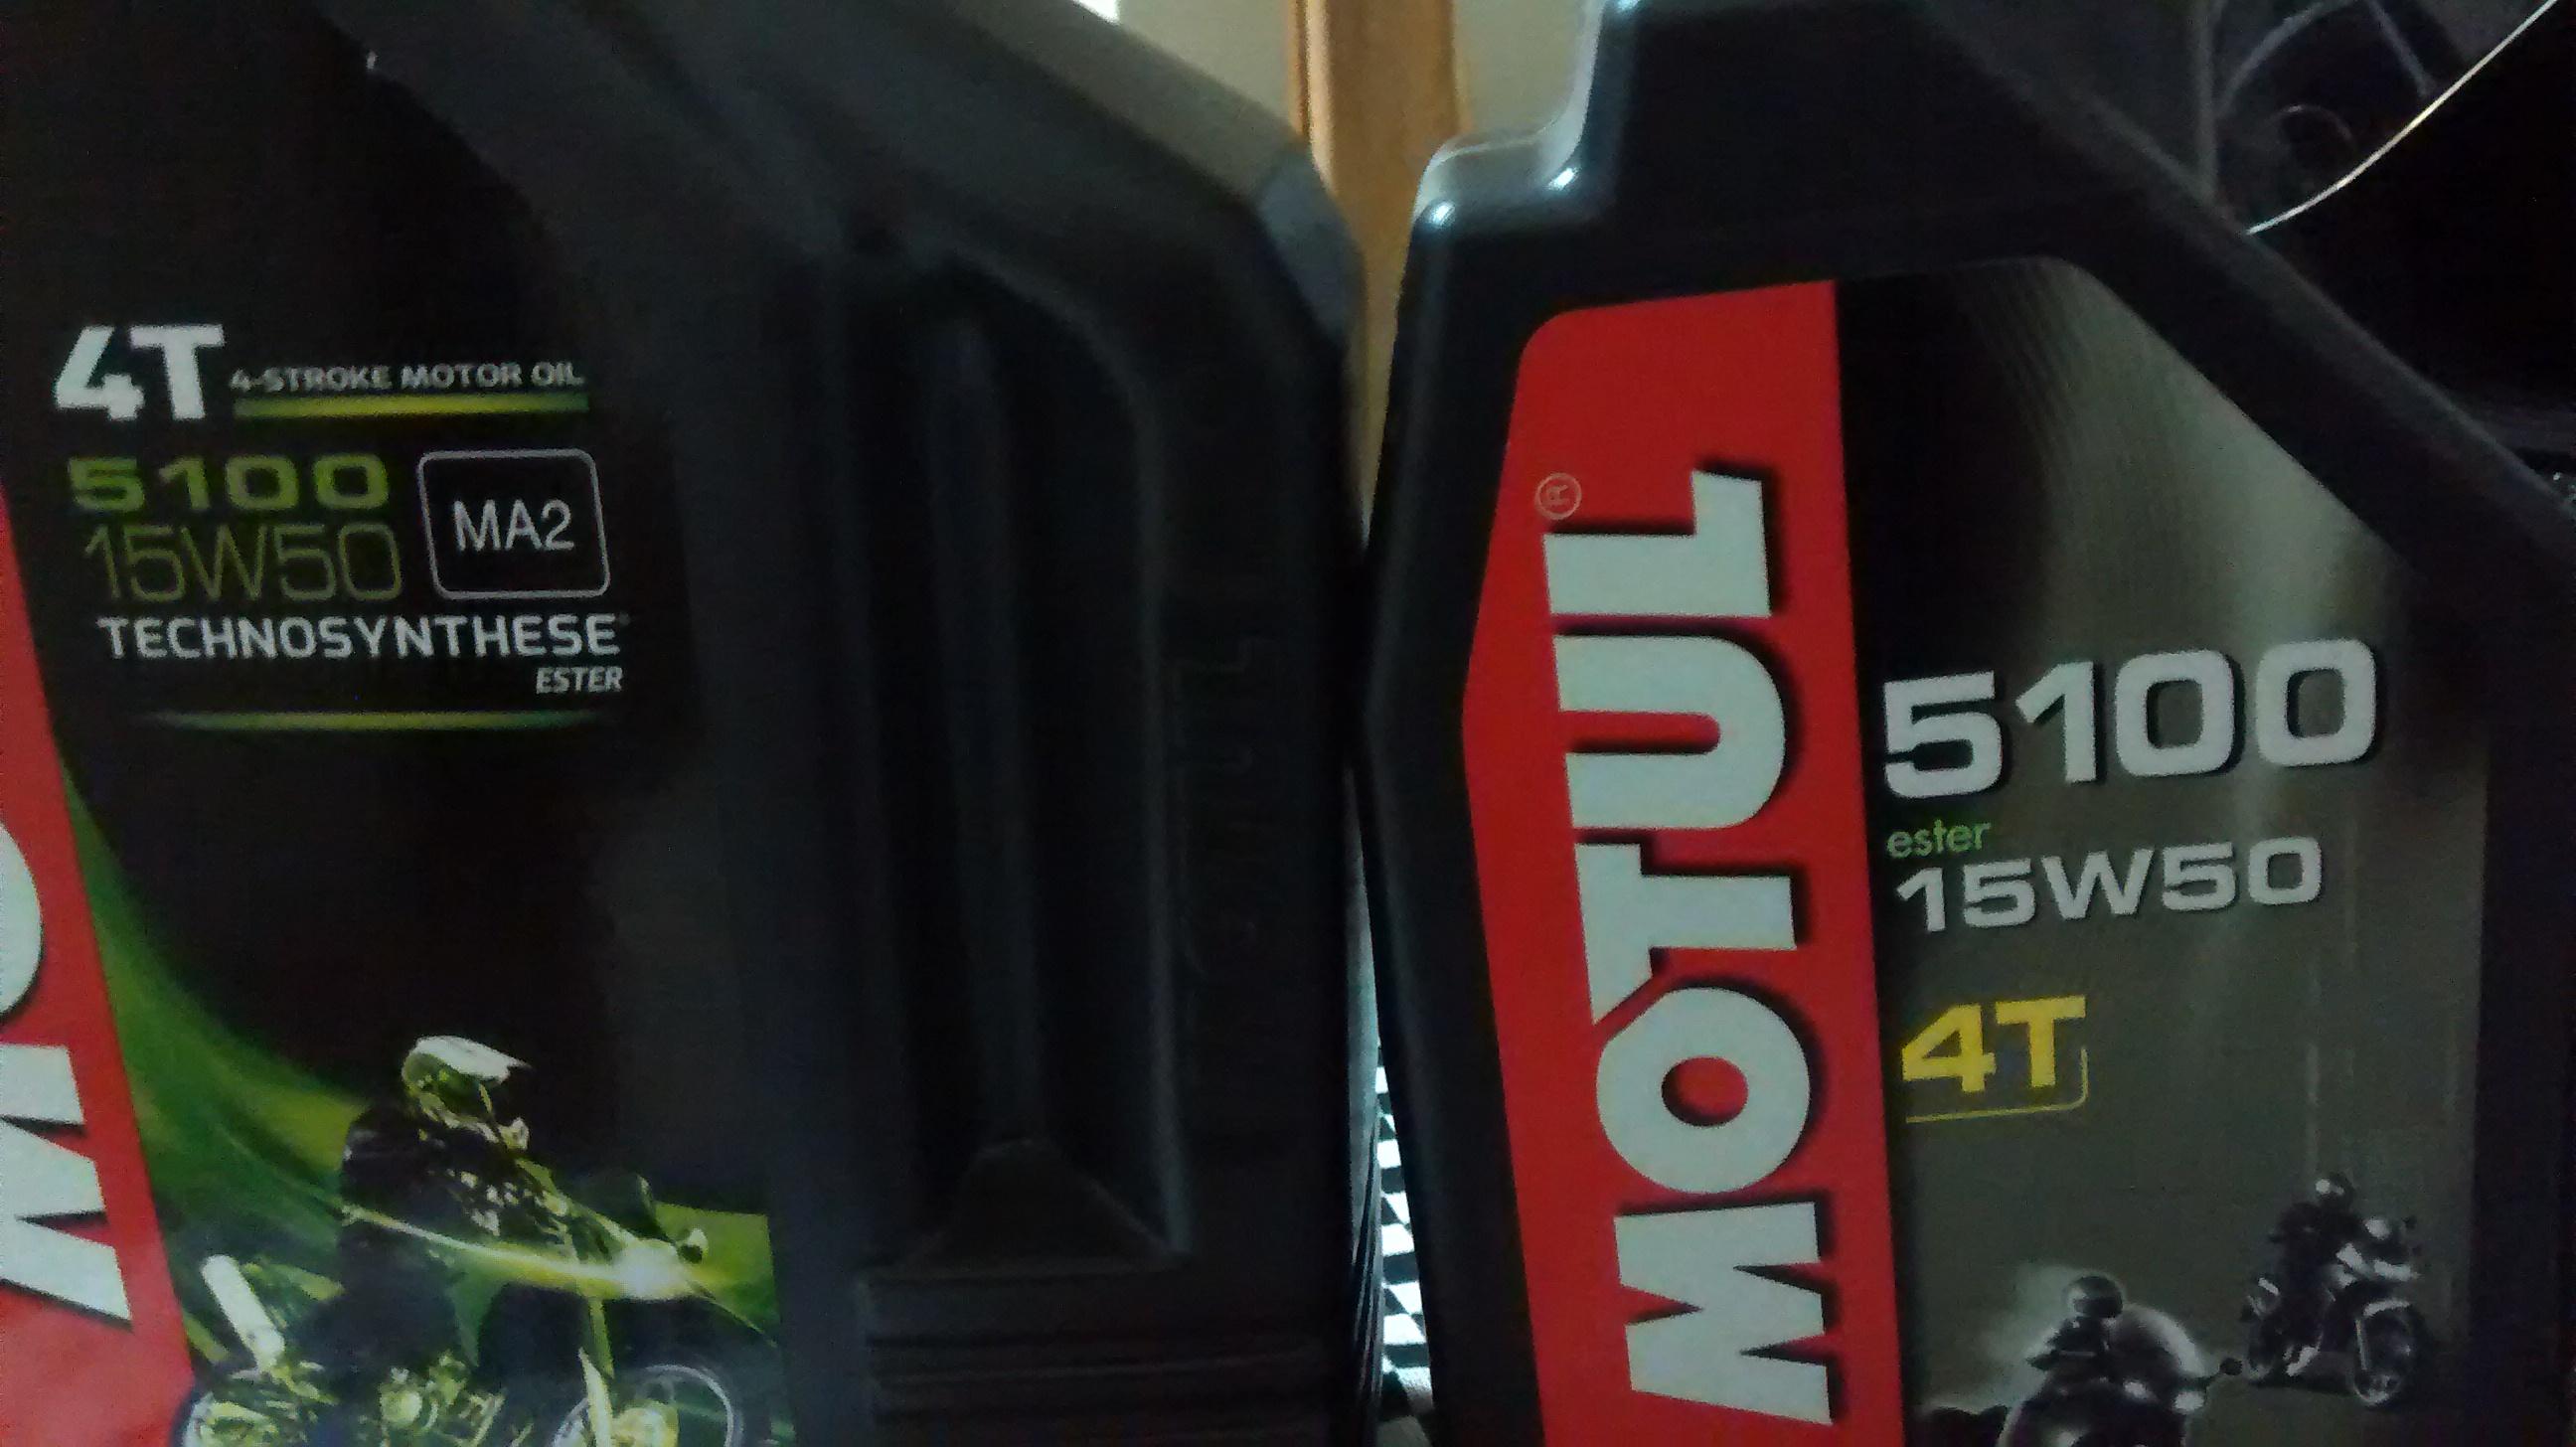 Misturar dois óleos motul 5100 15w50 MA e MA2 458740b828fcea741b5a2e84f64b8ddde0fc09fc